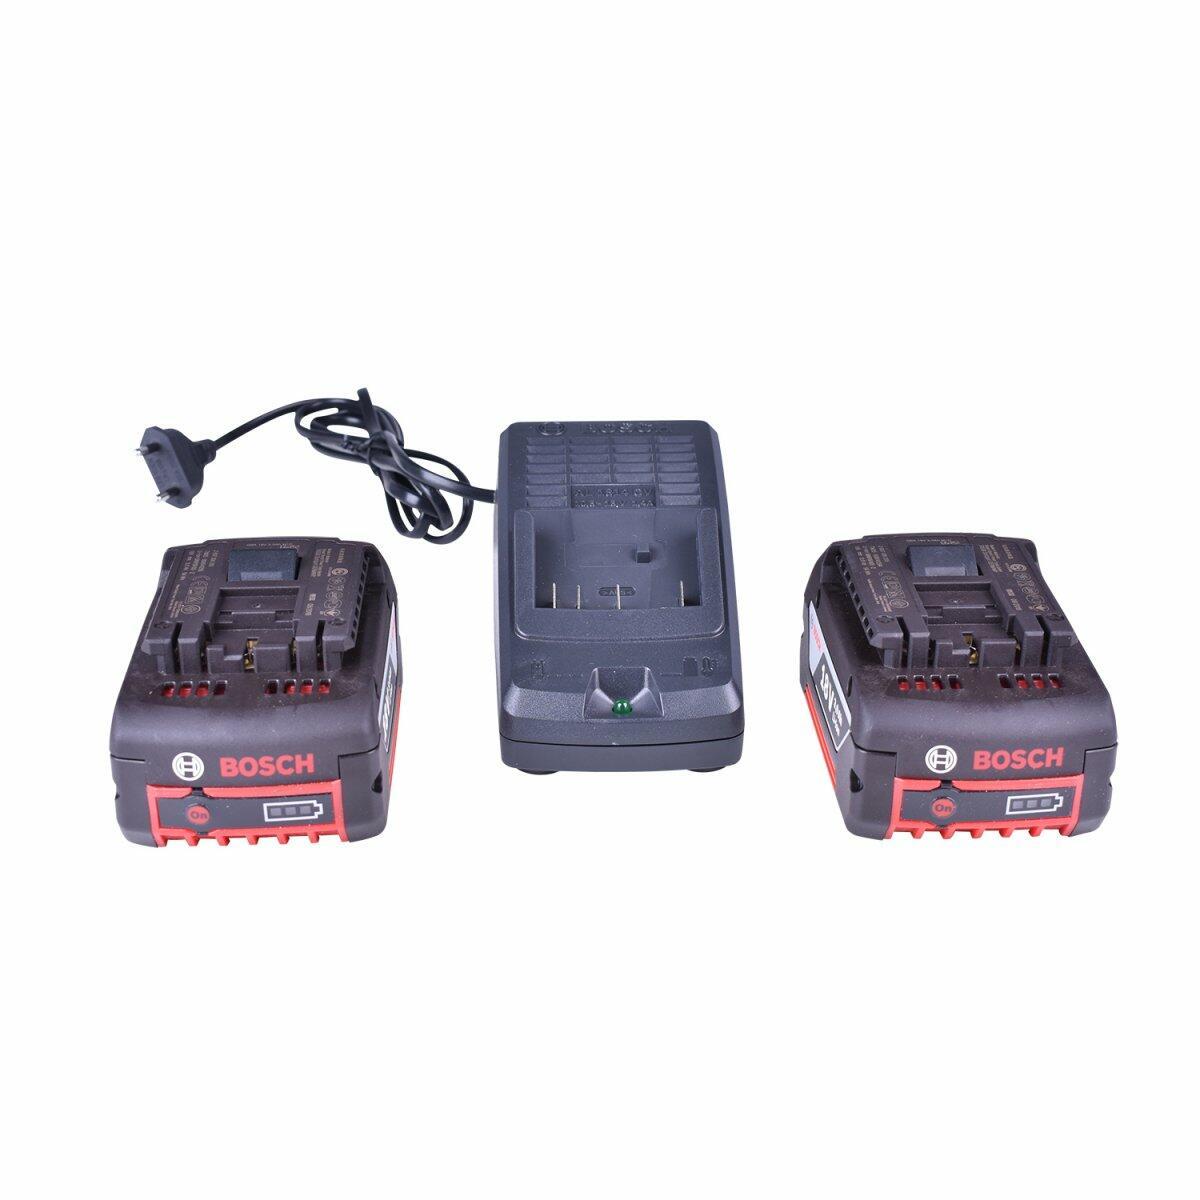 """Lanterna Gho18V-Li + Esmerilhadeira Angular 5"""" Gws18V-Li 18V + Carregador com 2 Baterias 18V + Bolsa Para Ferramentas Bosch"""